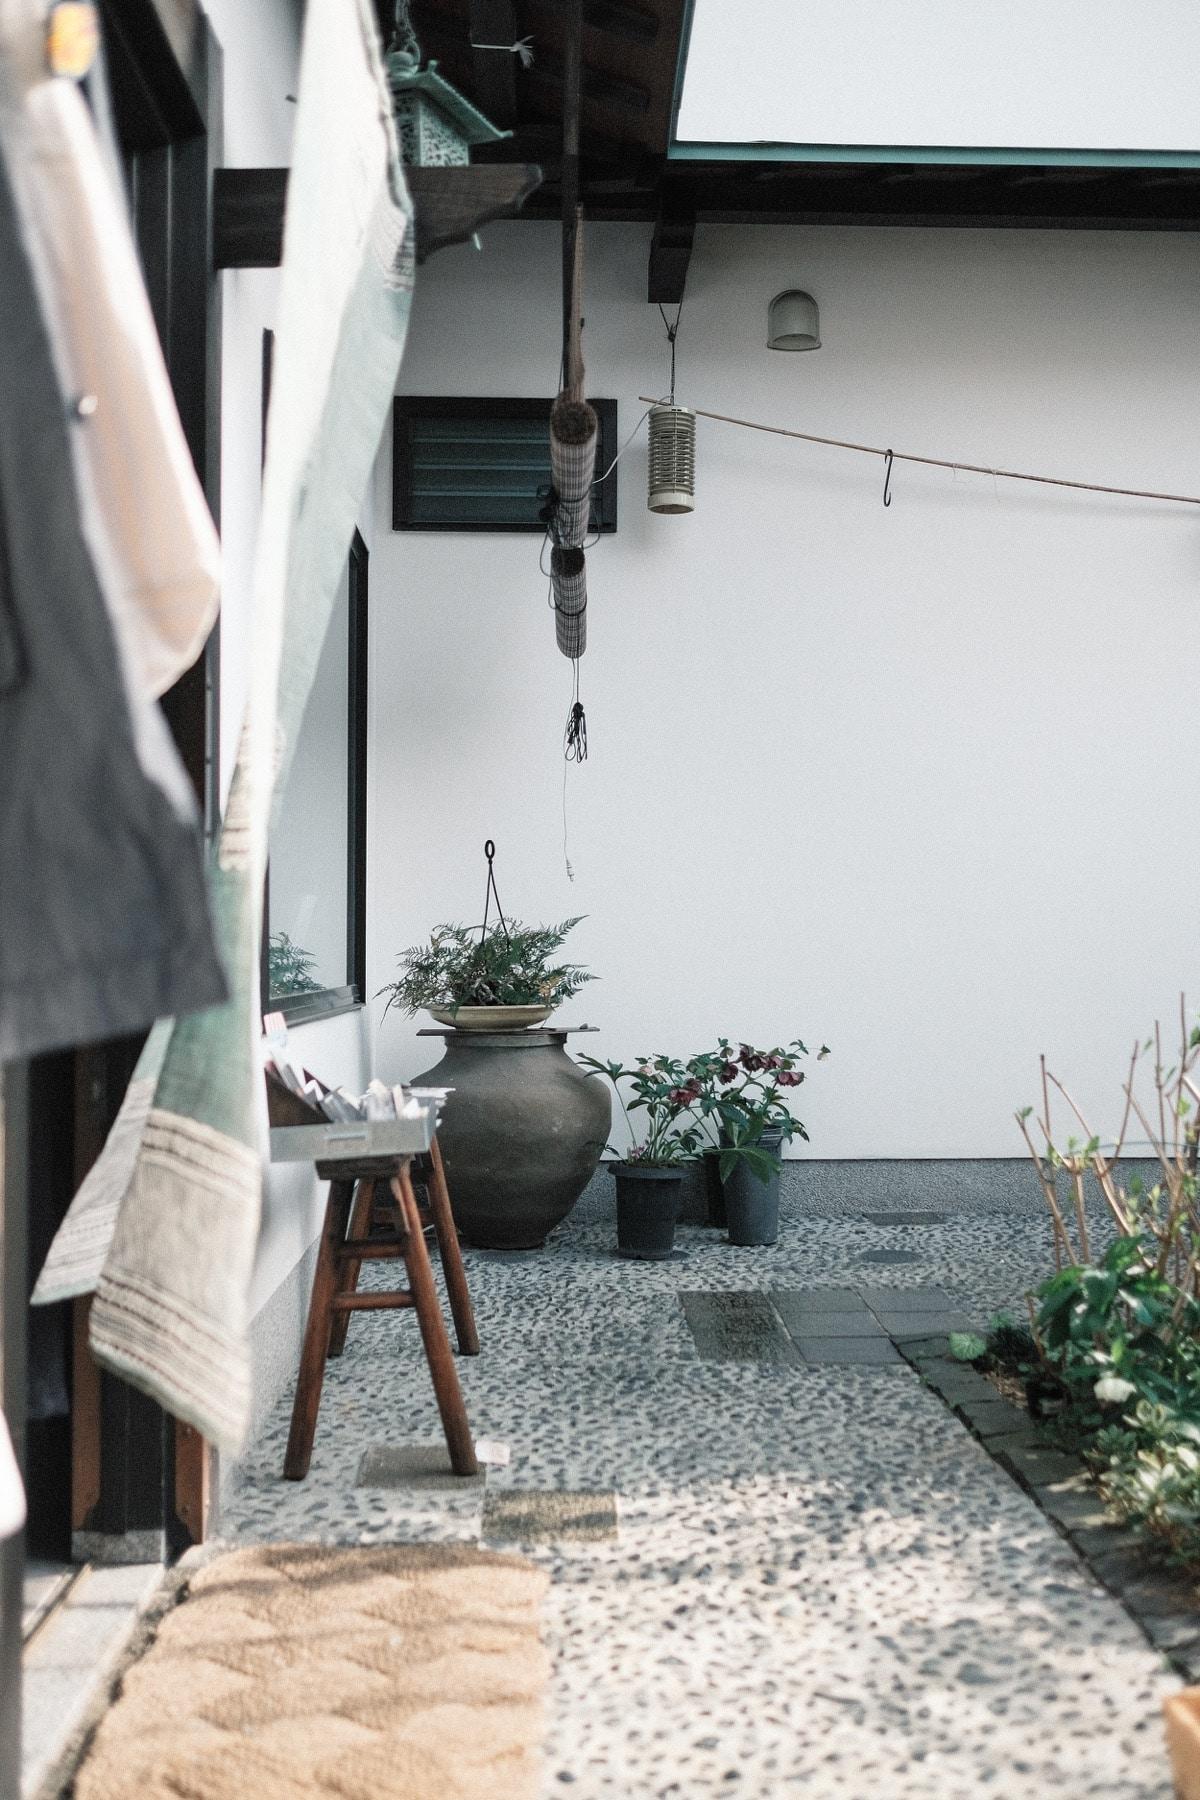 Kinlake-Kyoto-Lifestyle-2018-7486